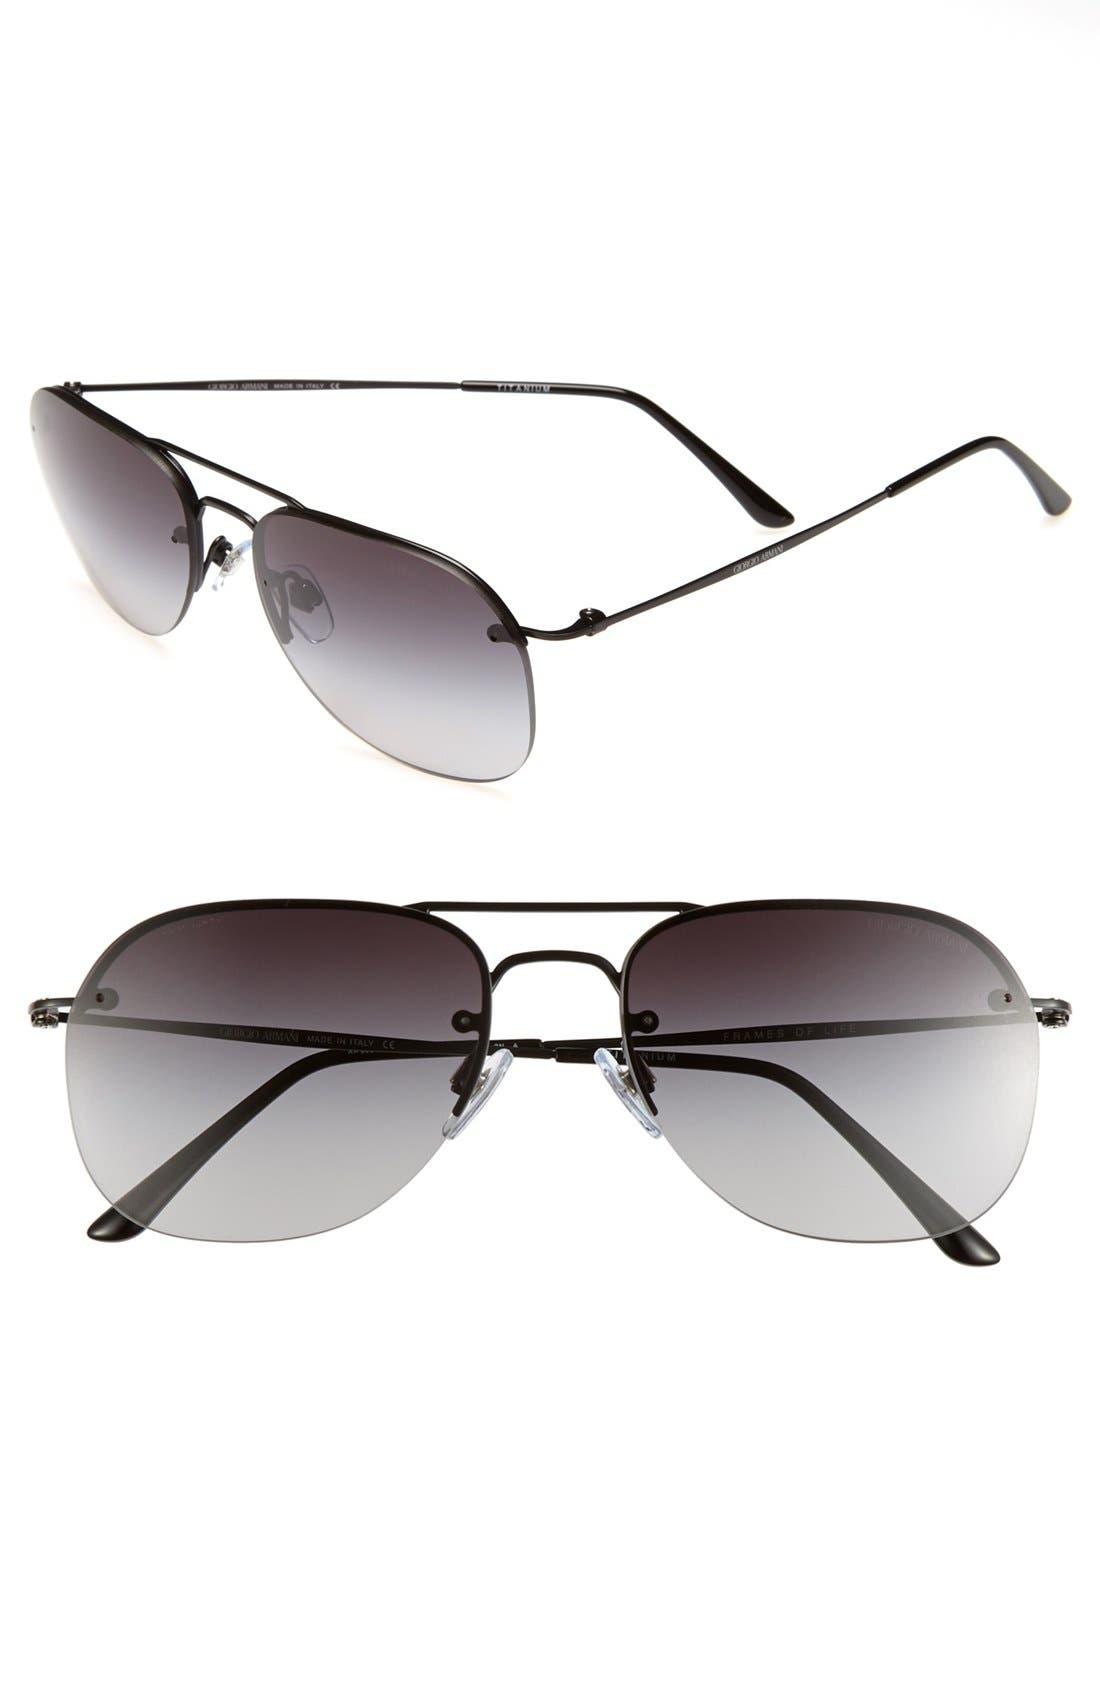 Main Image - Giorgio Armani 55mm Aviator Sunglasses